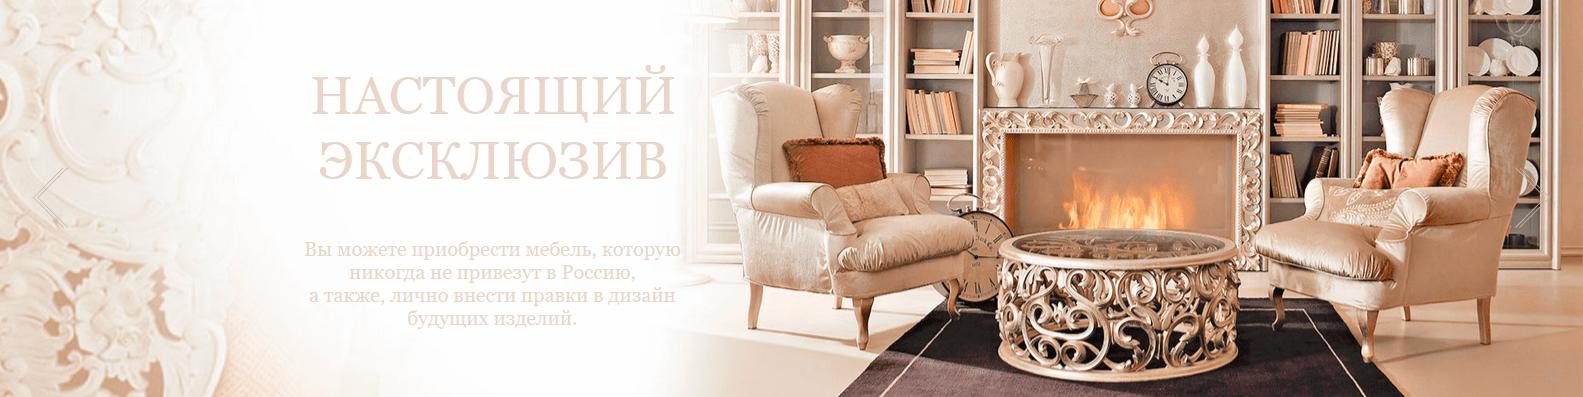 Преимущества элитной итальянской мебели